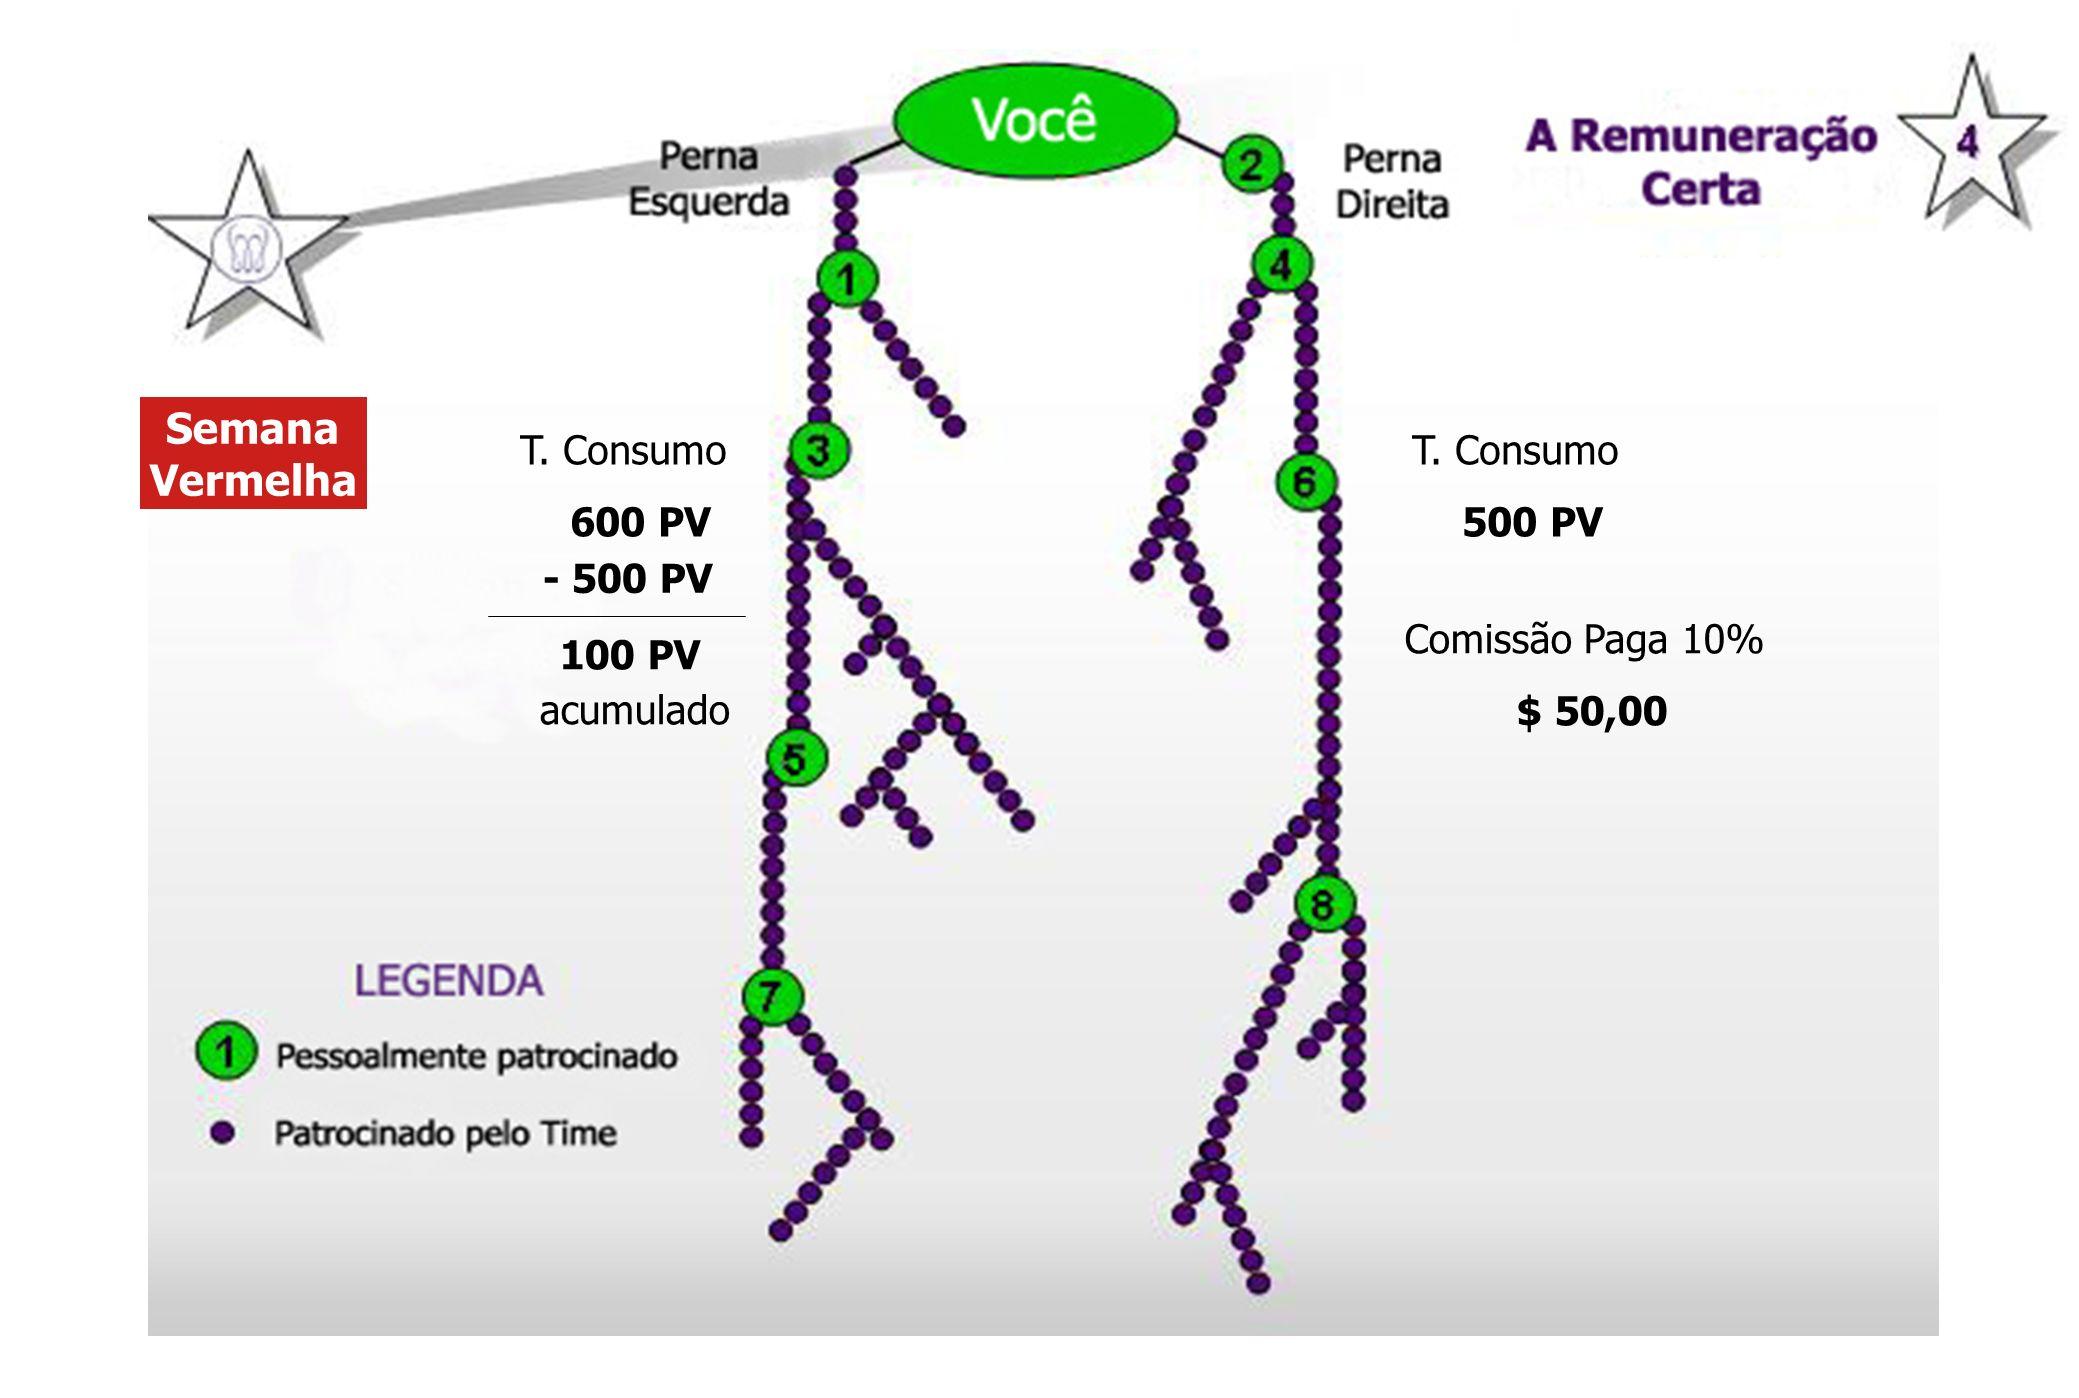 Semana Vermelha T. Consumo 600 PV T. Consumo 500 PV Comissão Paga 10% $ 50,00 - 500 PV 100 PV acumulado